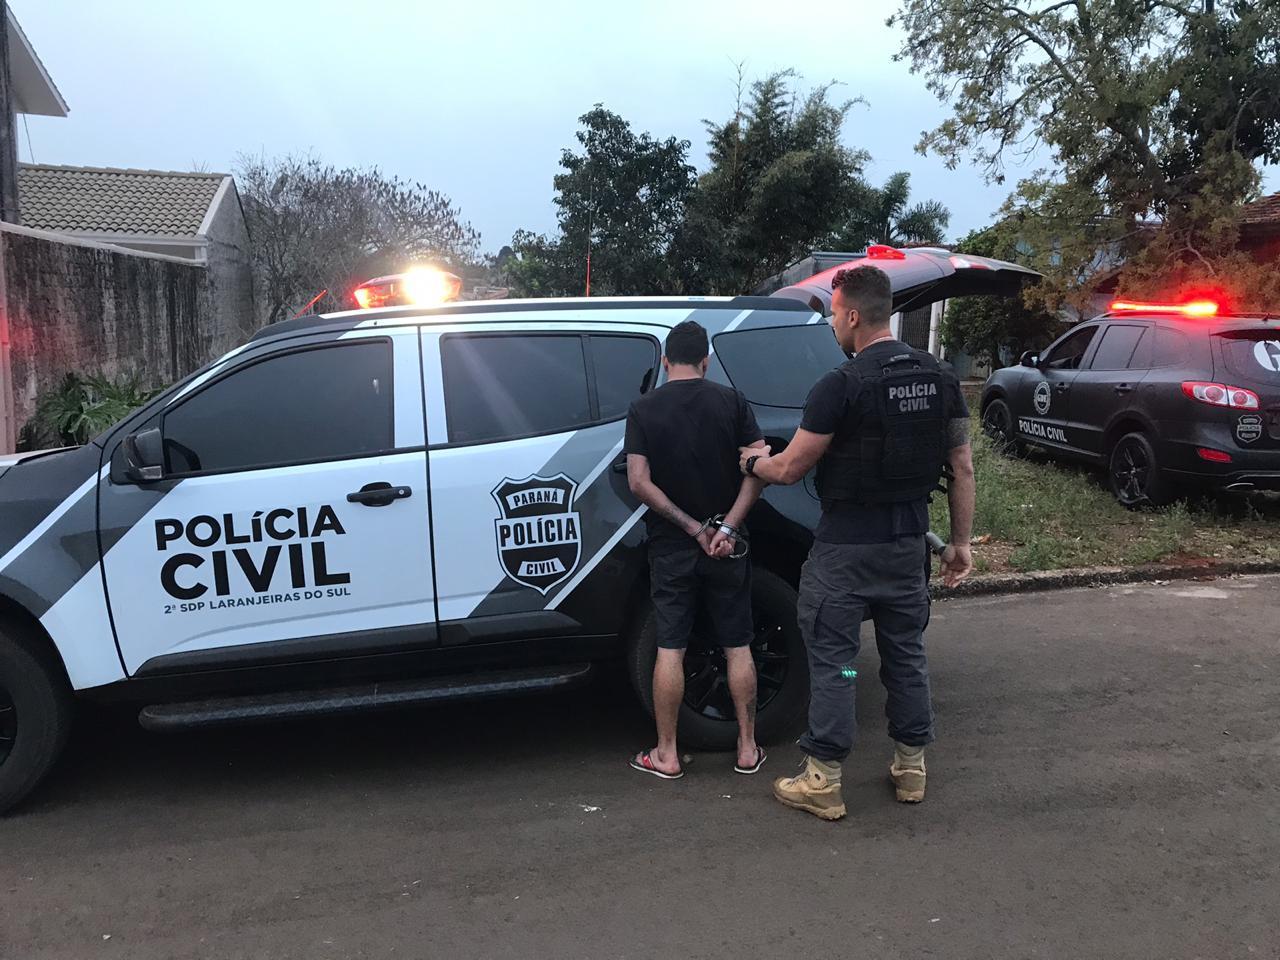 Jovem é preso por tráfico de drogas no centro de Laranjeiras do Sul